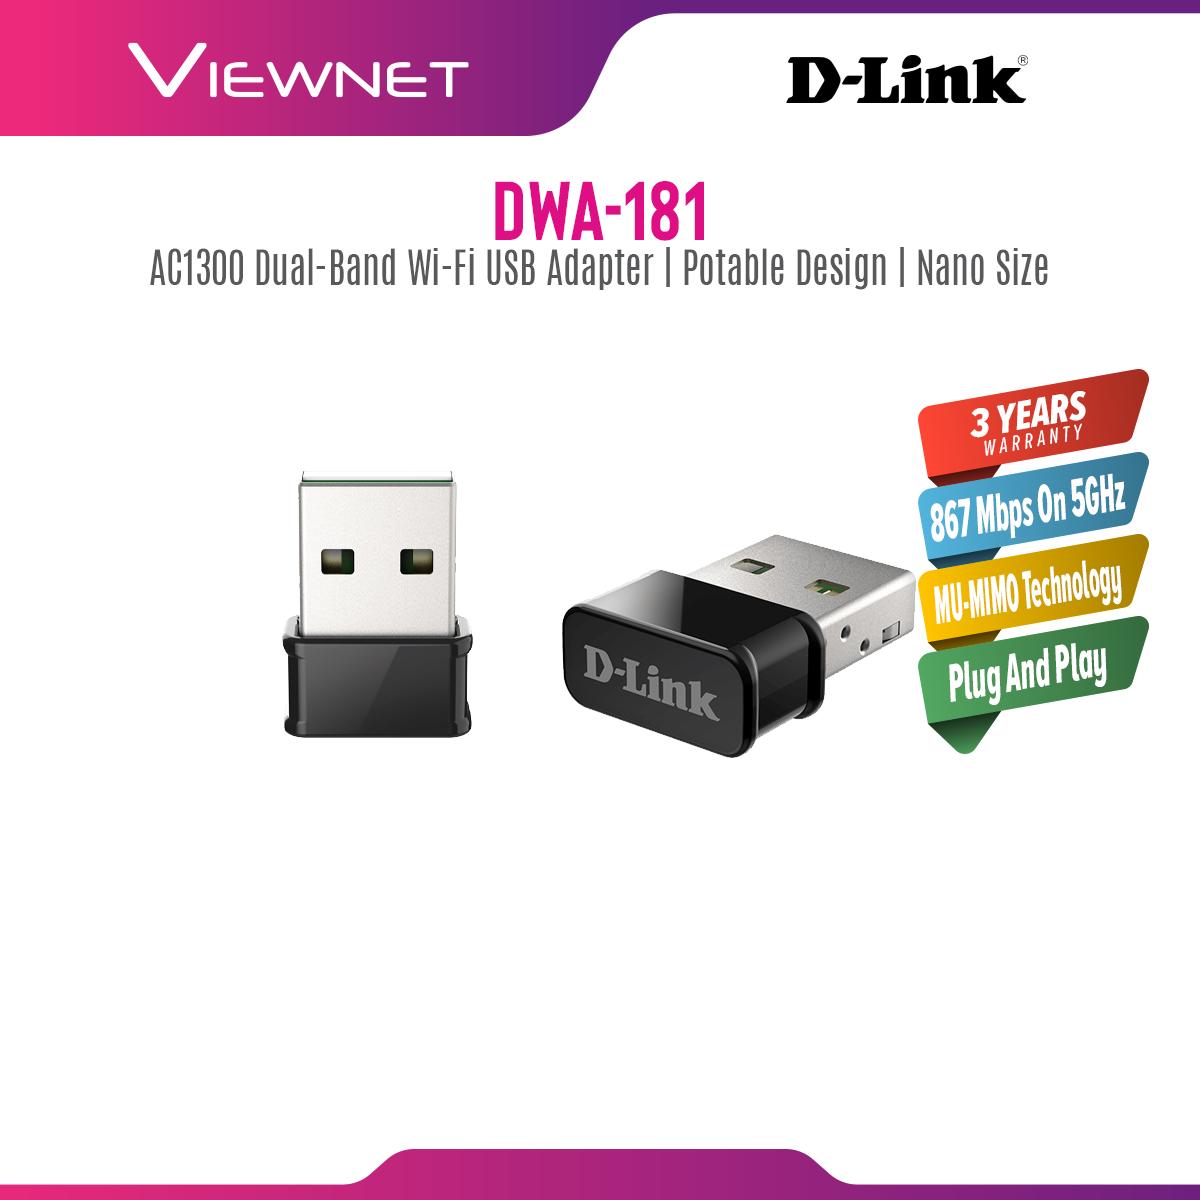 D-Link Wireless USB Adapter AC1300 MU-MIMO Wi-Fi Nano USB Adapter (DWA-181), 2.4GHz, 5GHz,